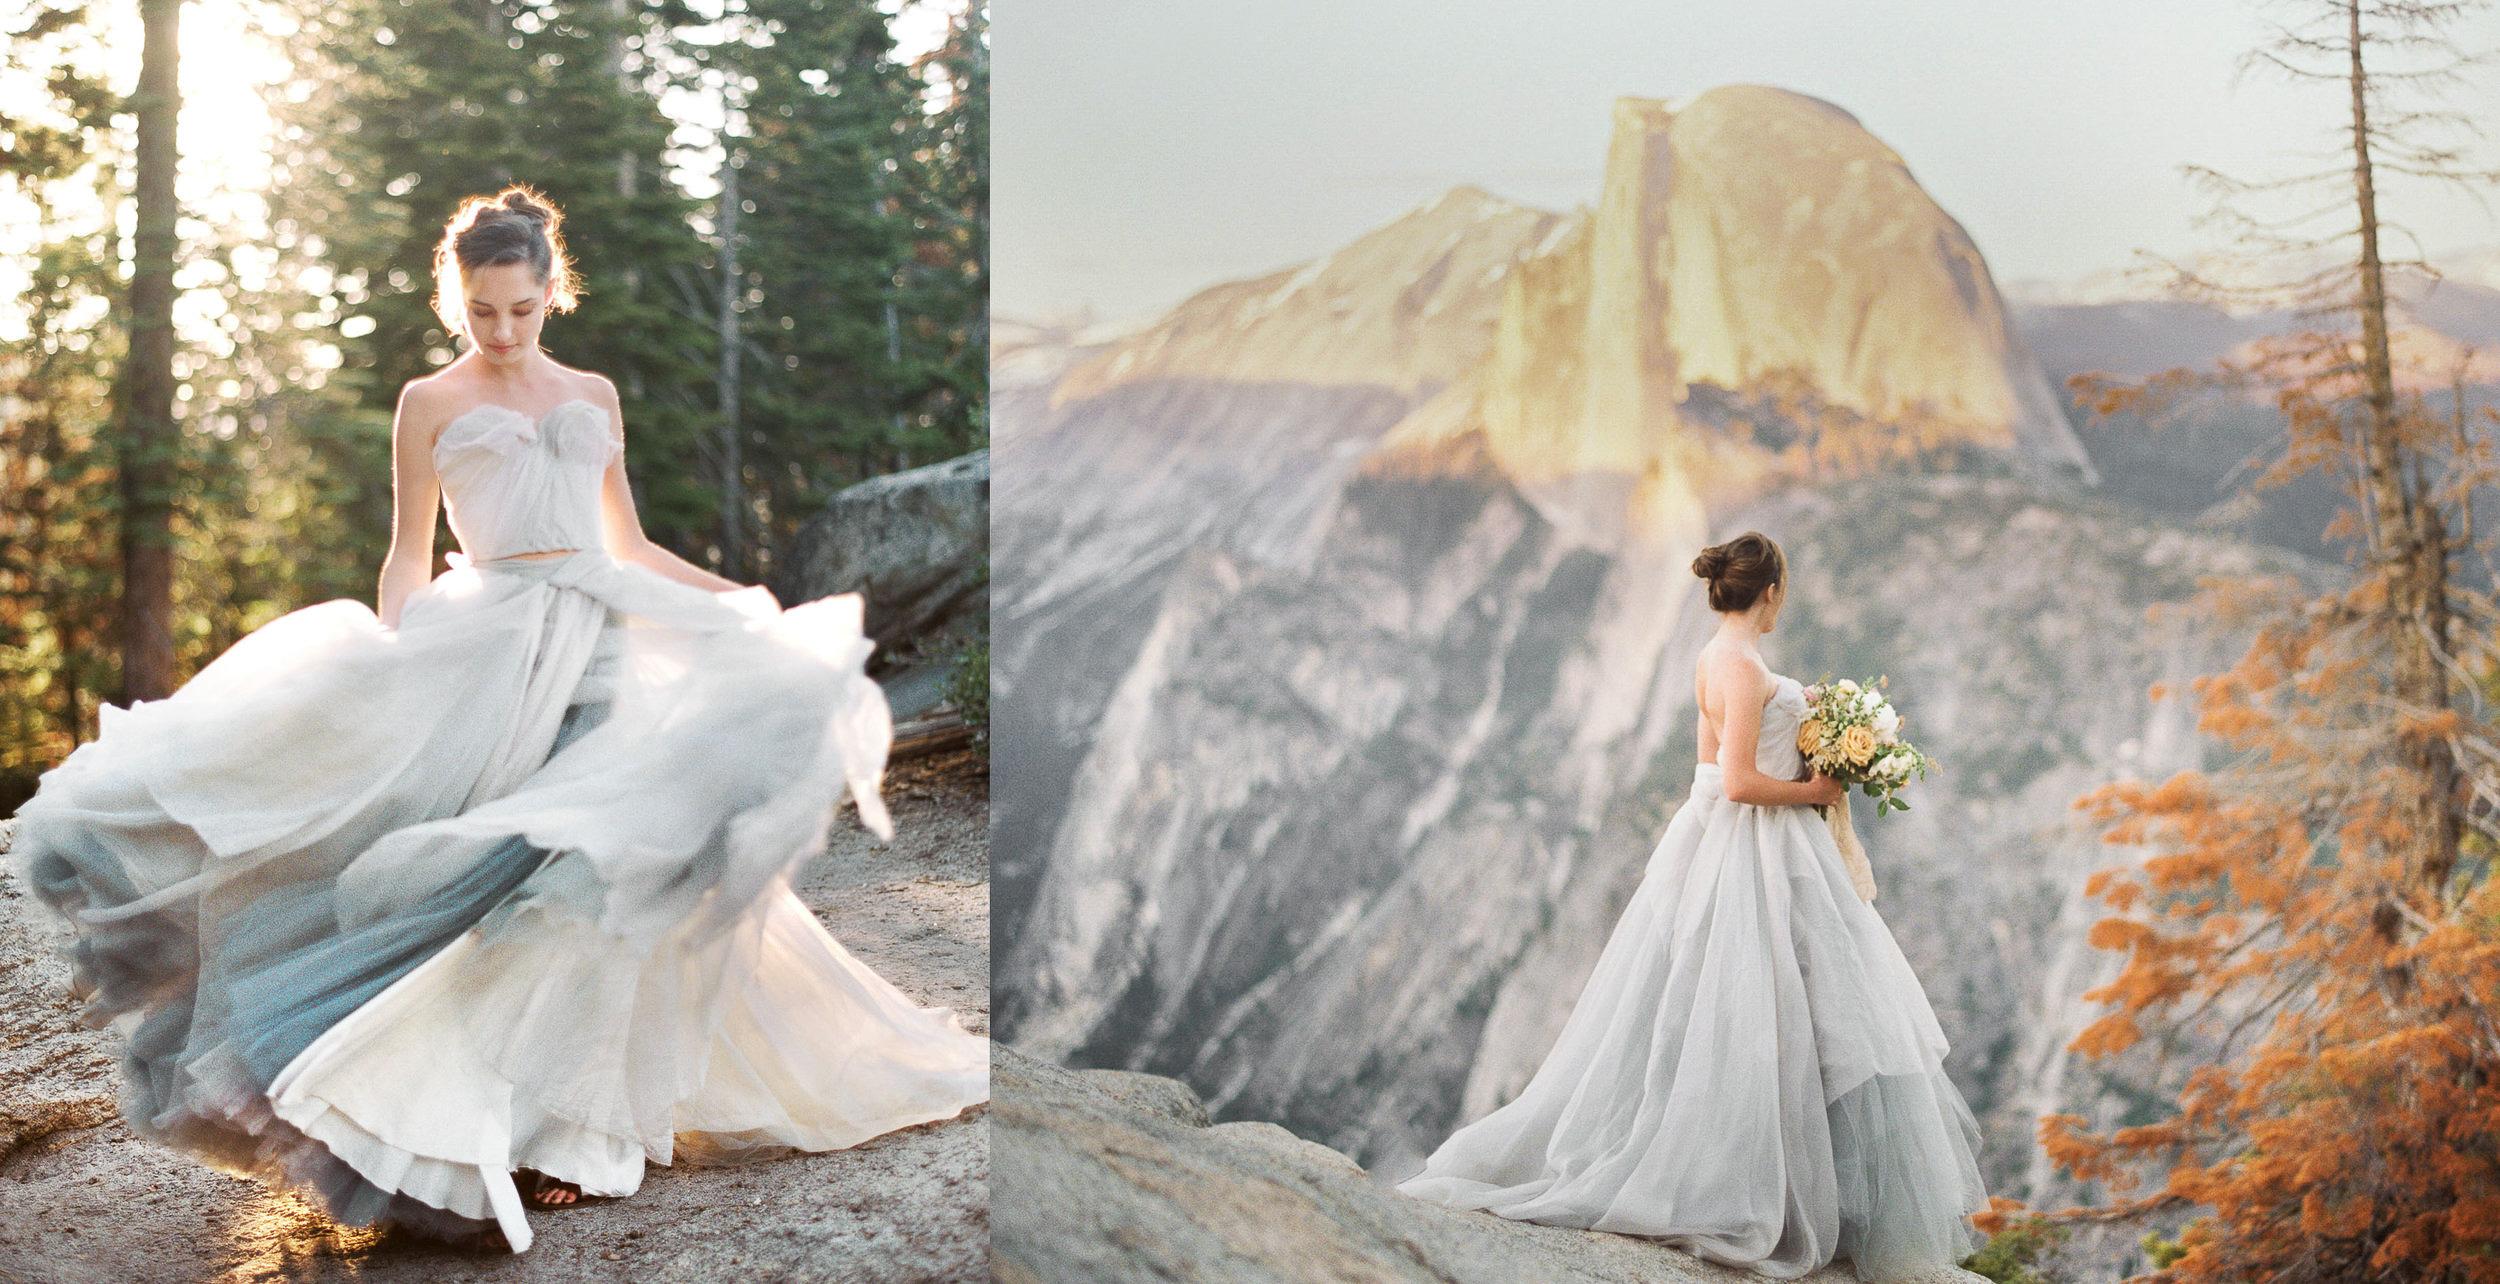 10_destination+worldwide+elopement+wedding+film+photographer+cinematographer_.jpg